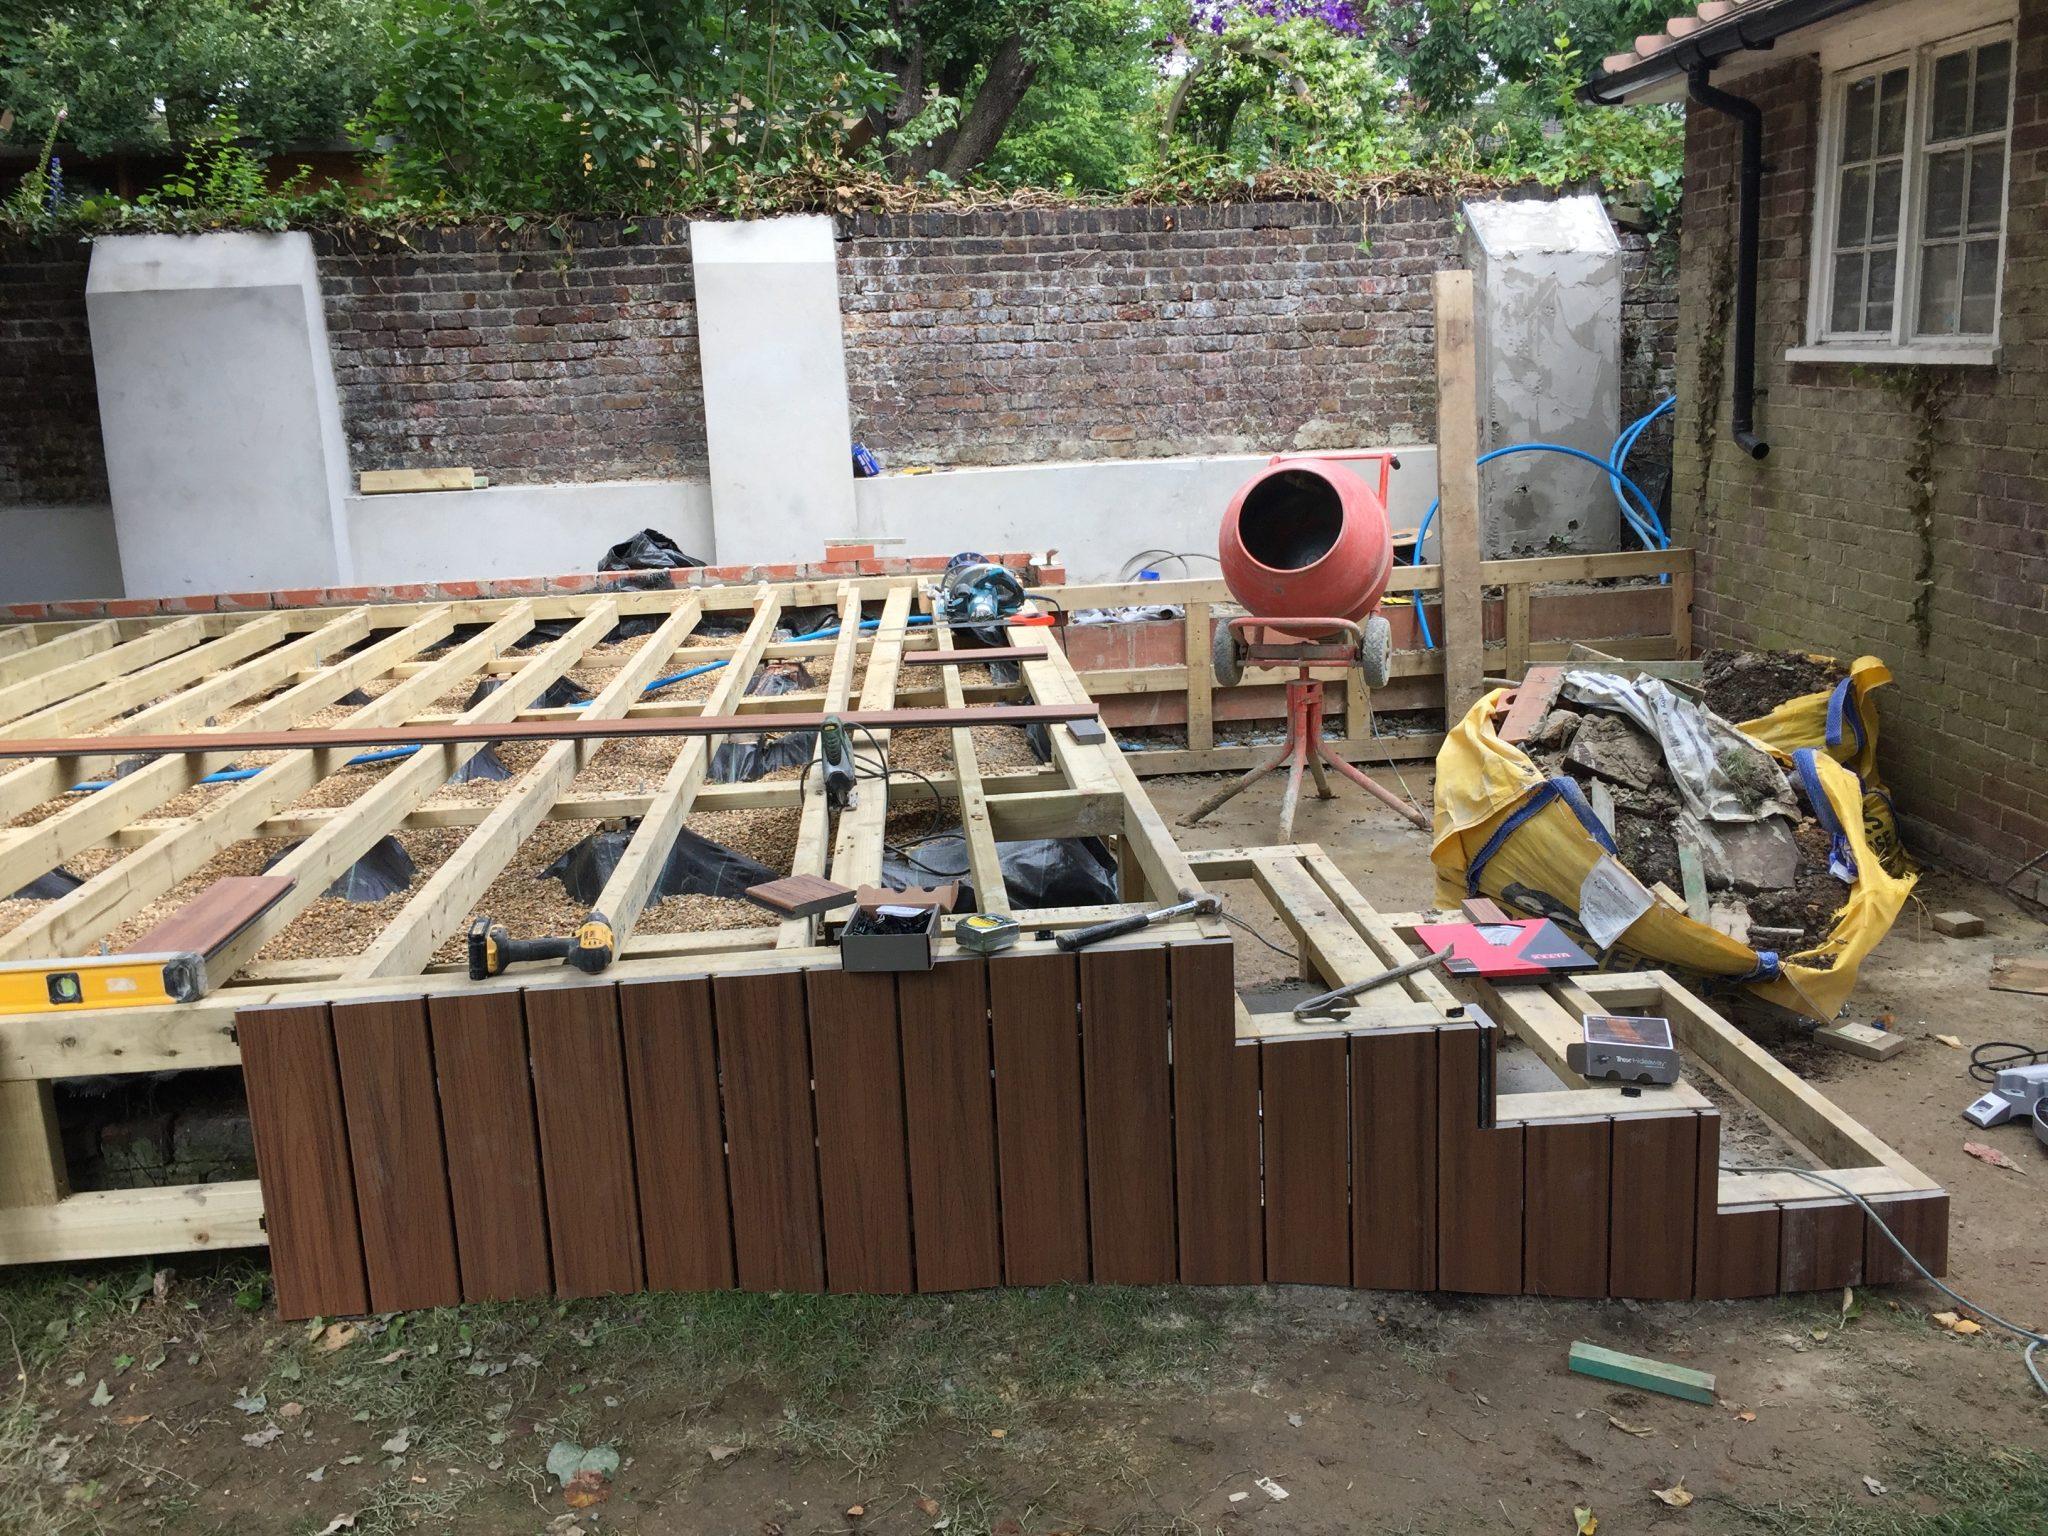 IMG 6395 - Gardening & Landscaping